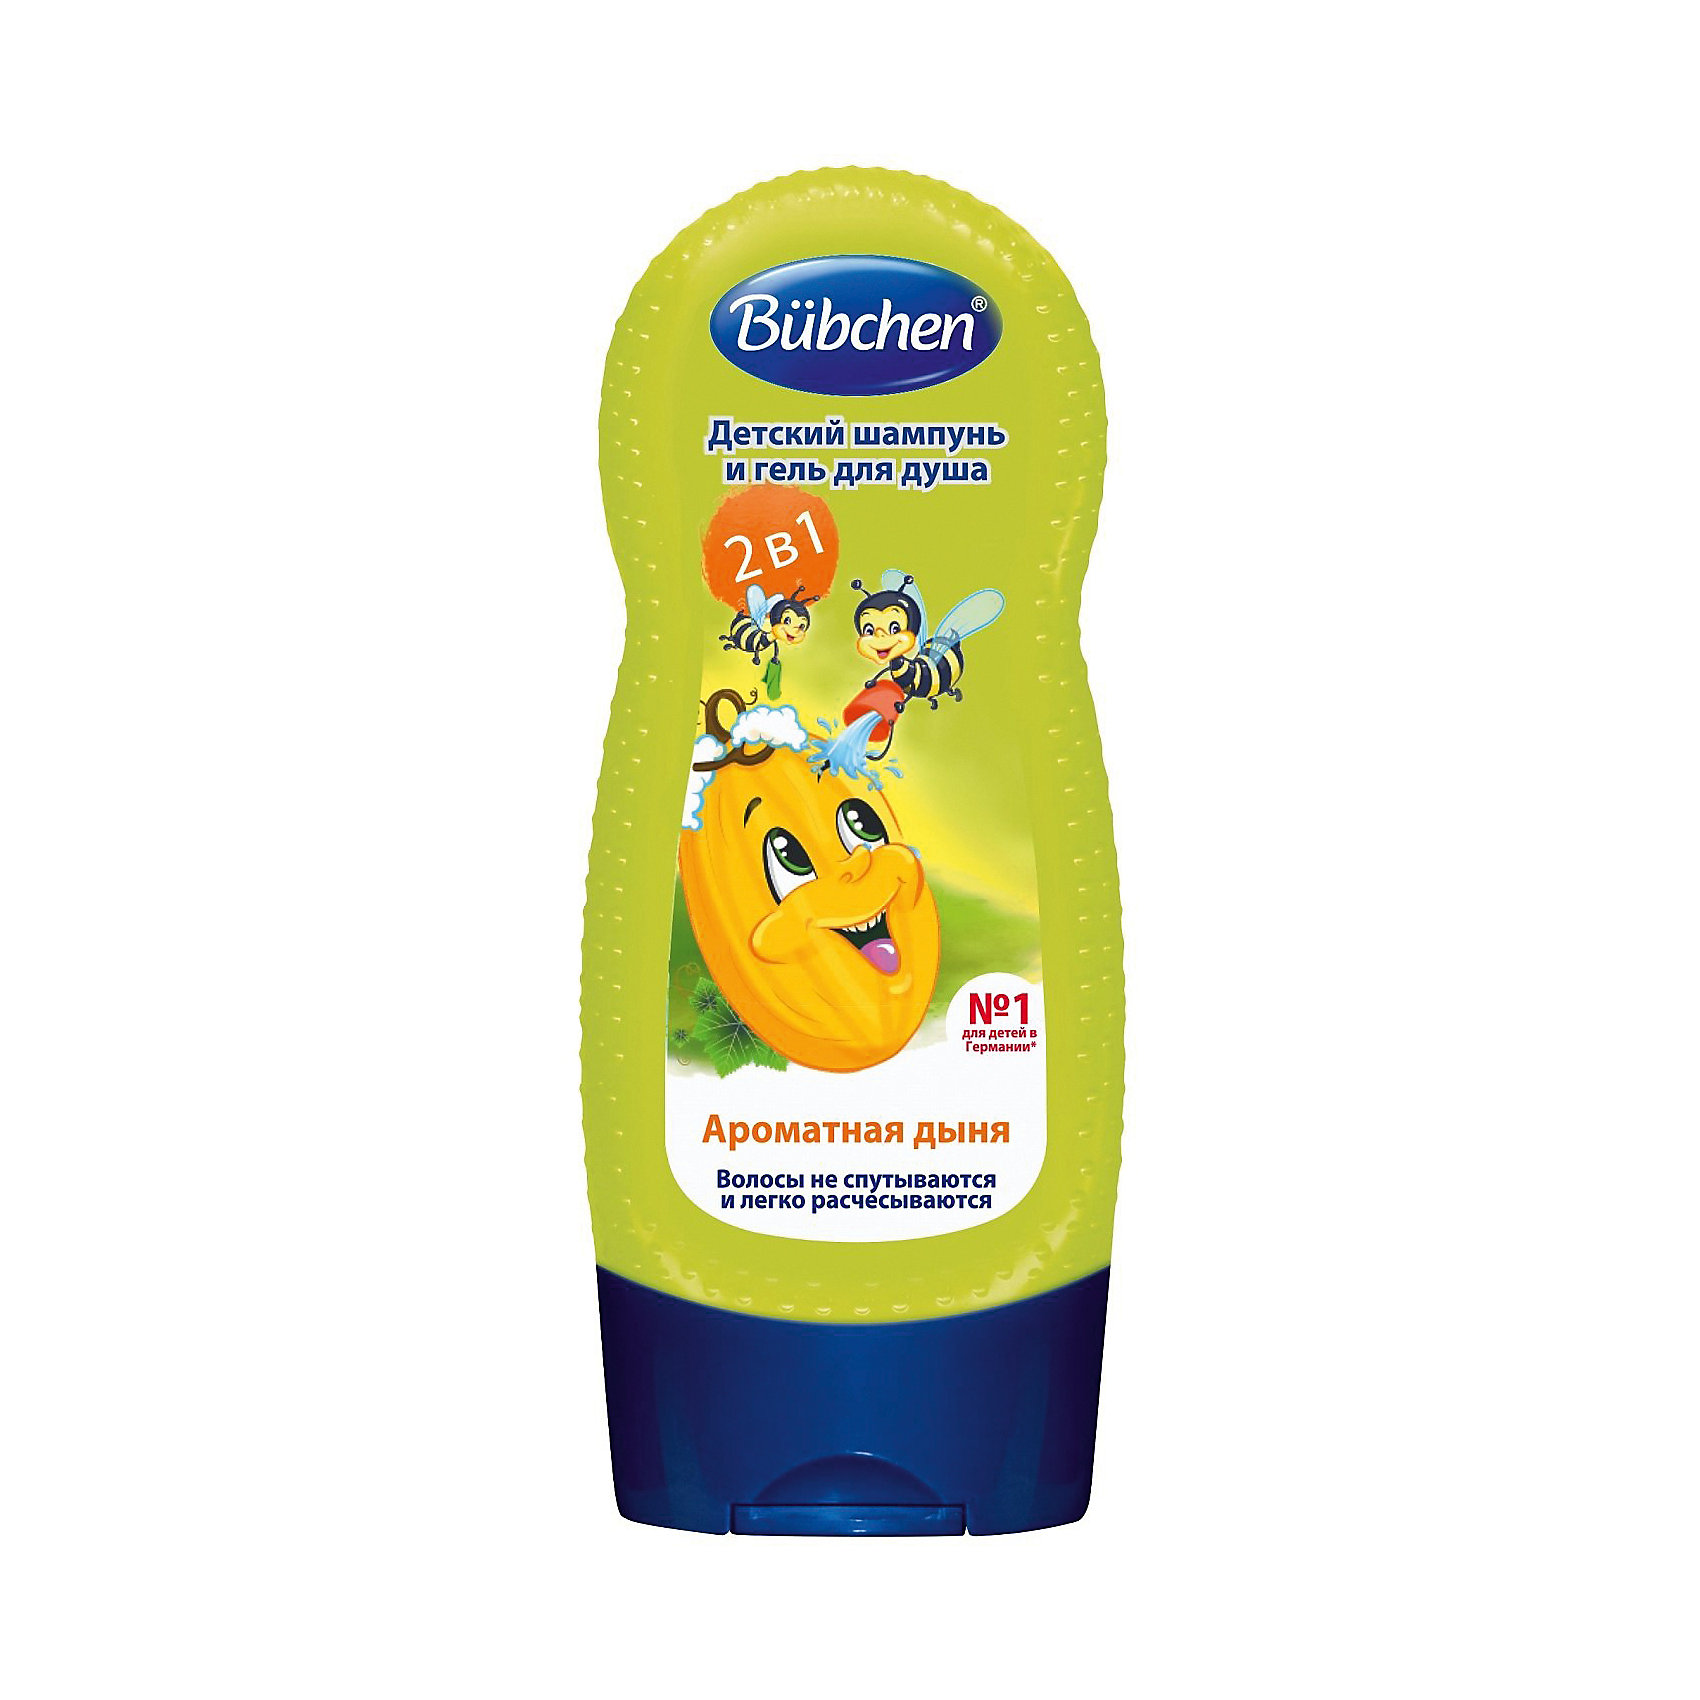 Шампунь для мытья волос и тела Дыня, Bubchen, 230 мл.